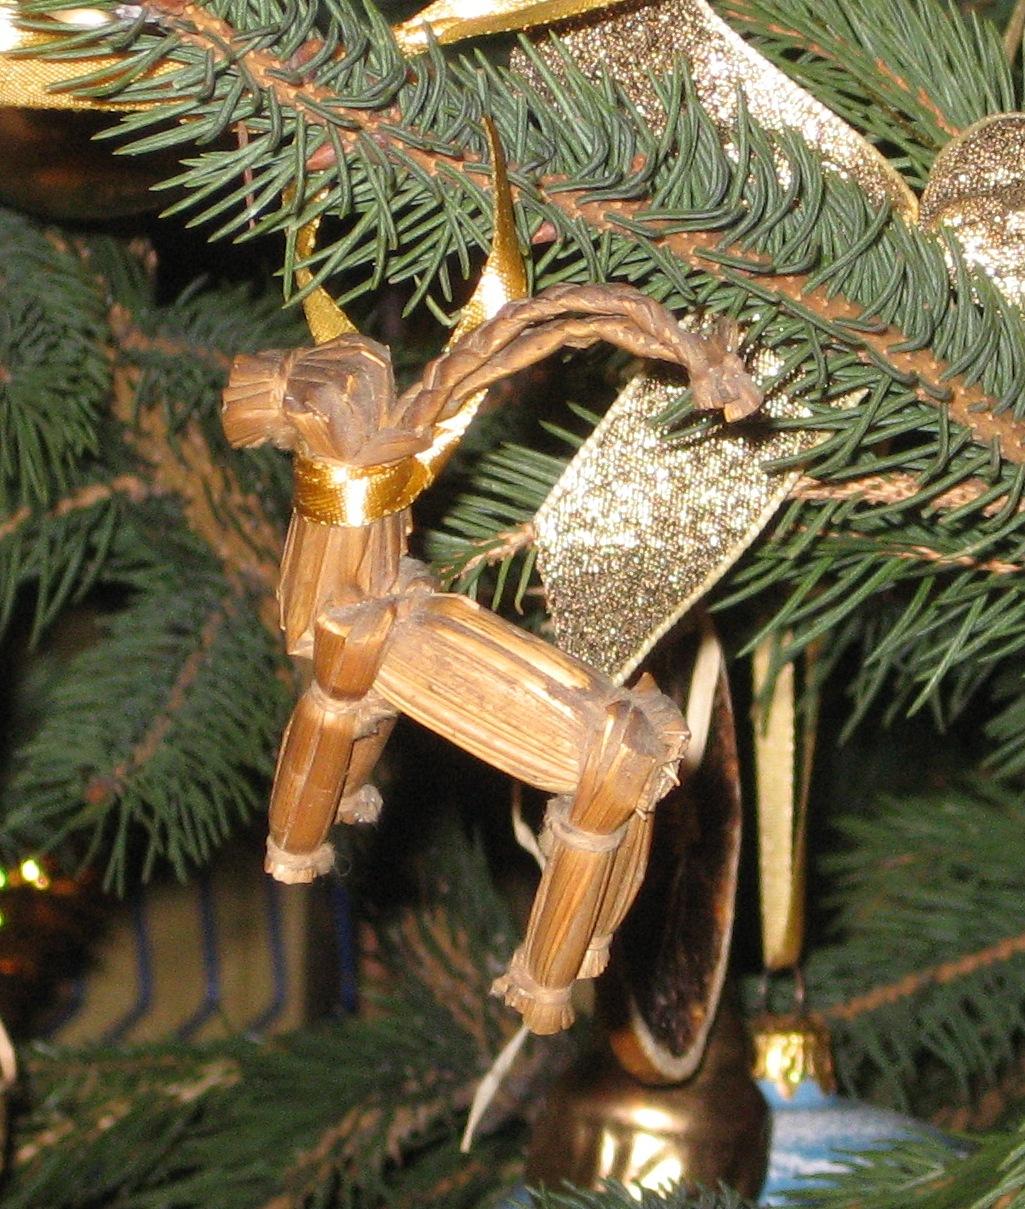 Finland Christmas Goat.Yule Goat Wikipedia